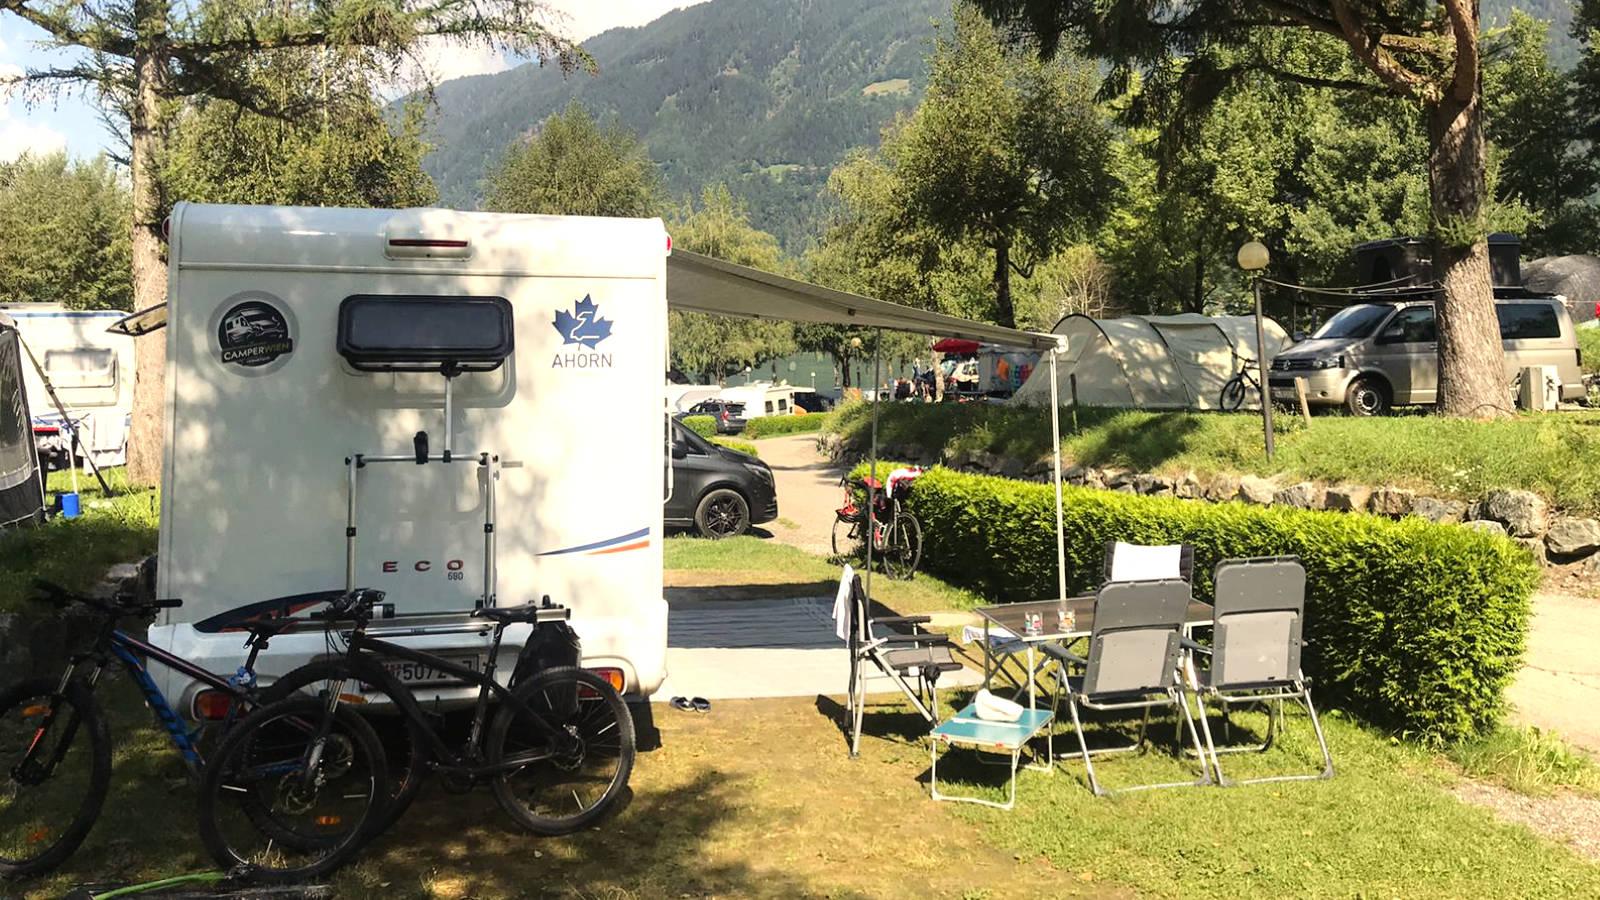 Wohnmobil von hinten auf einem Campingplatz